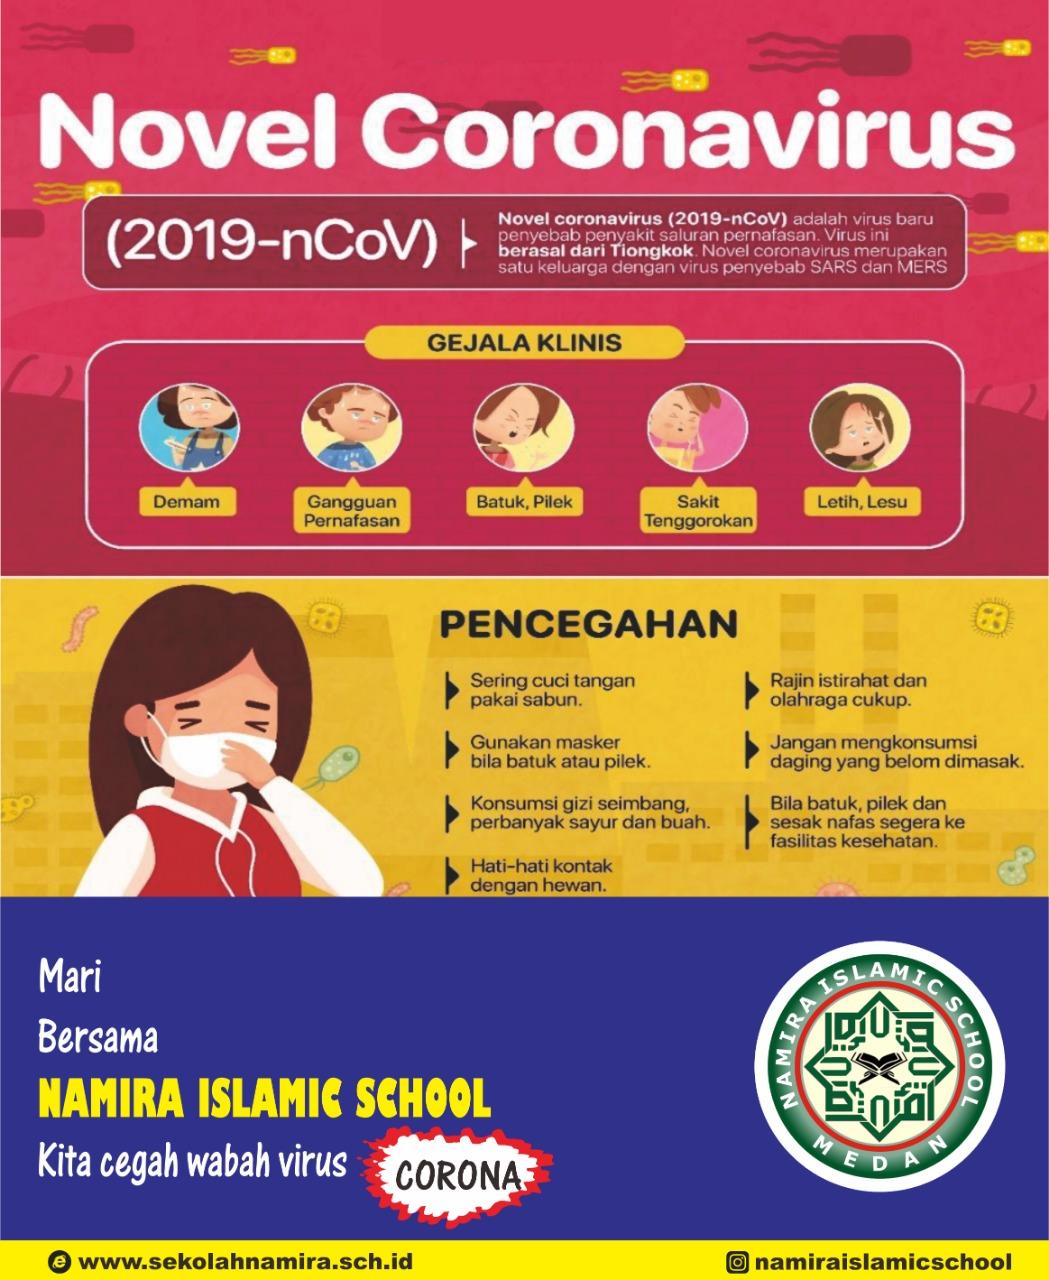 Pencegahan Dan Lockdown Dari Bahaya Virus COVID 19 serta Pembelajaran Dirumah (Study At Home And Safety Care)